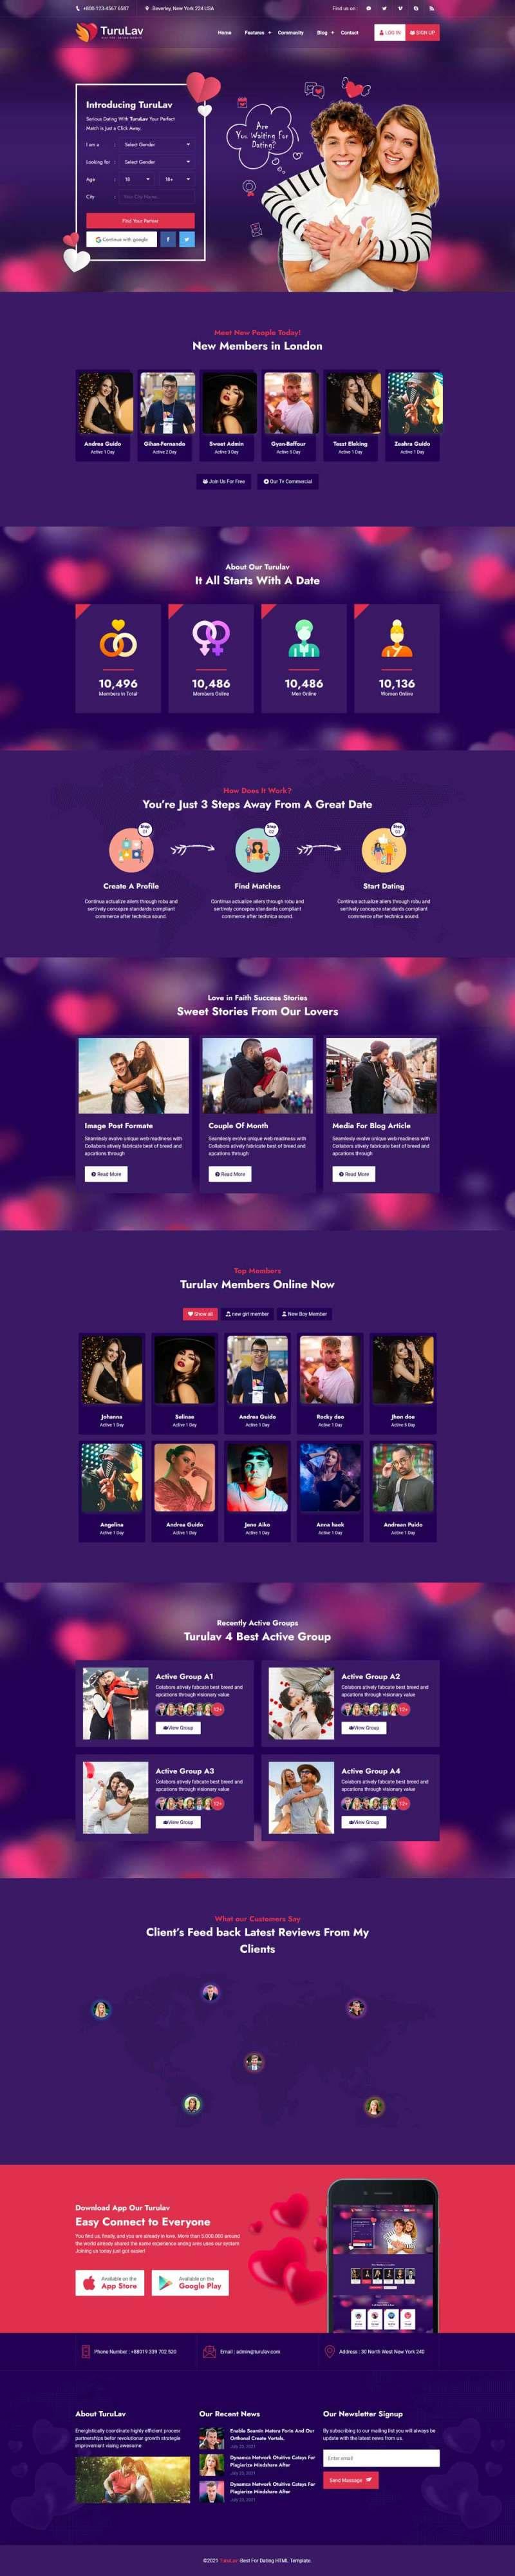 Bootstrap紫色大气响应式交友社区社交平台网站模板